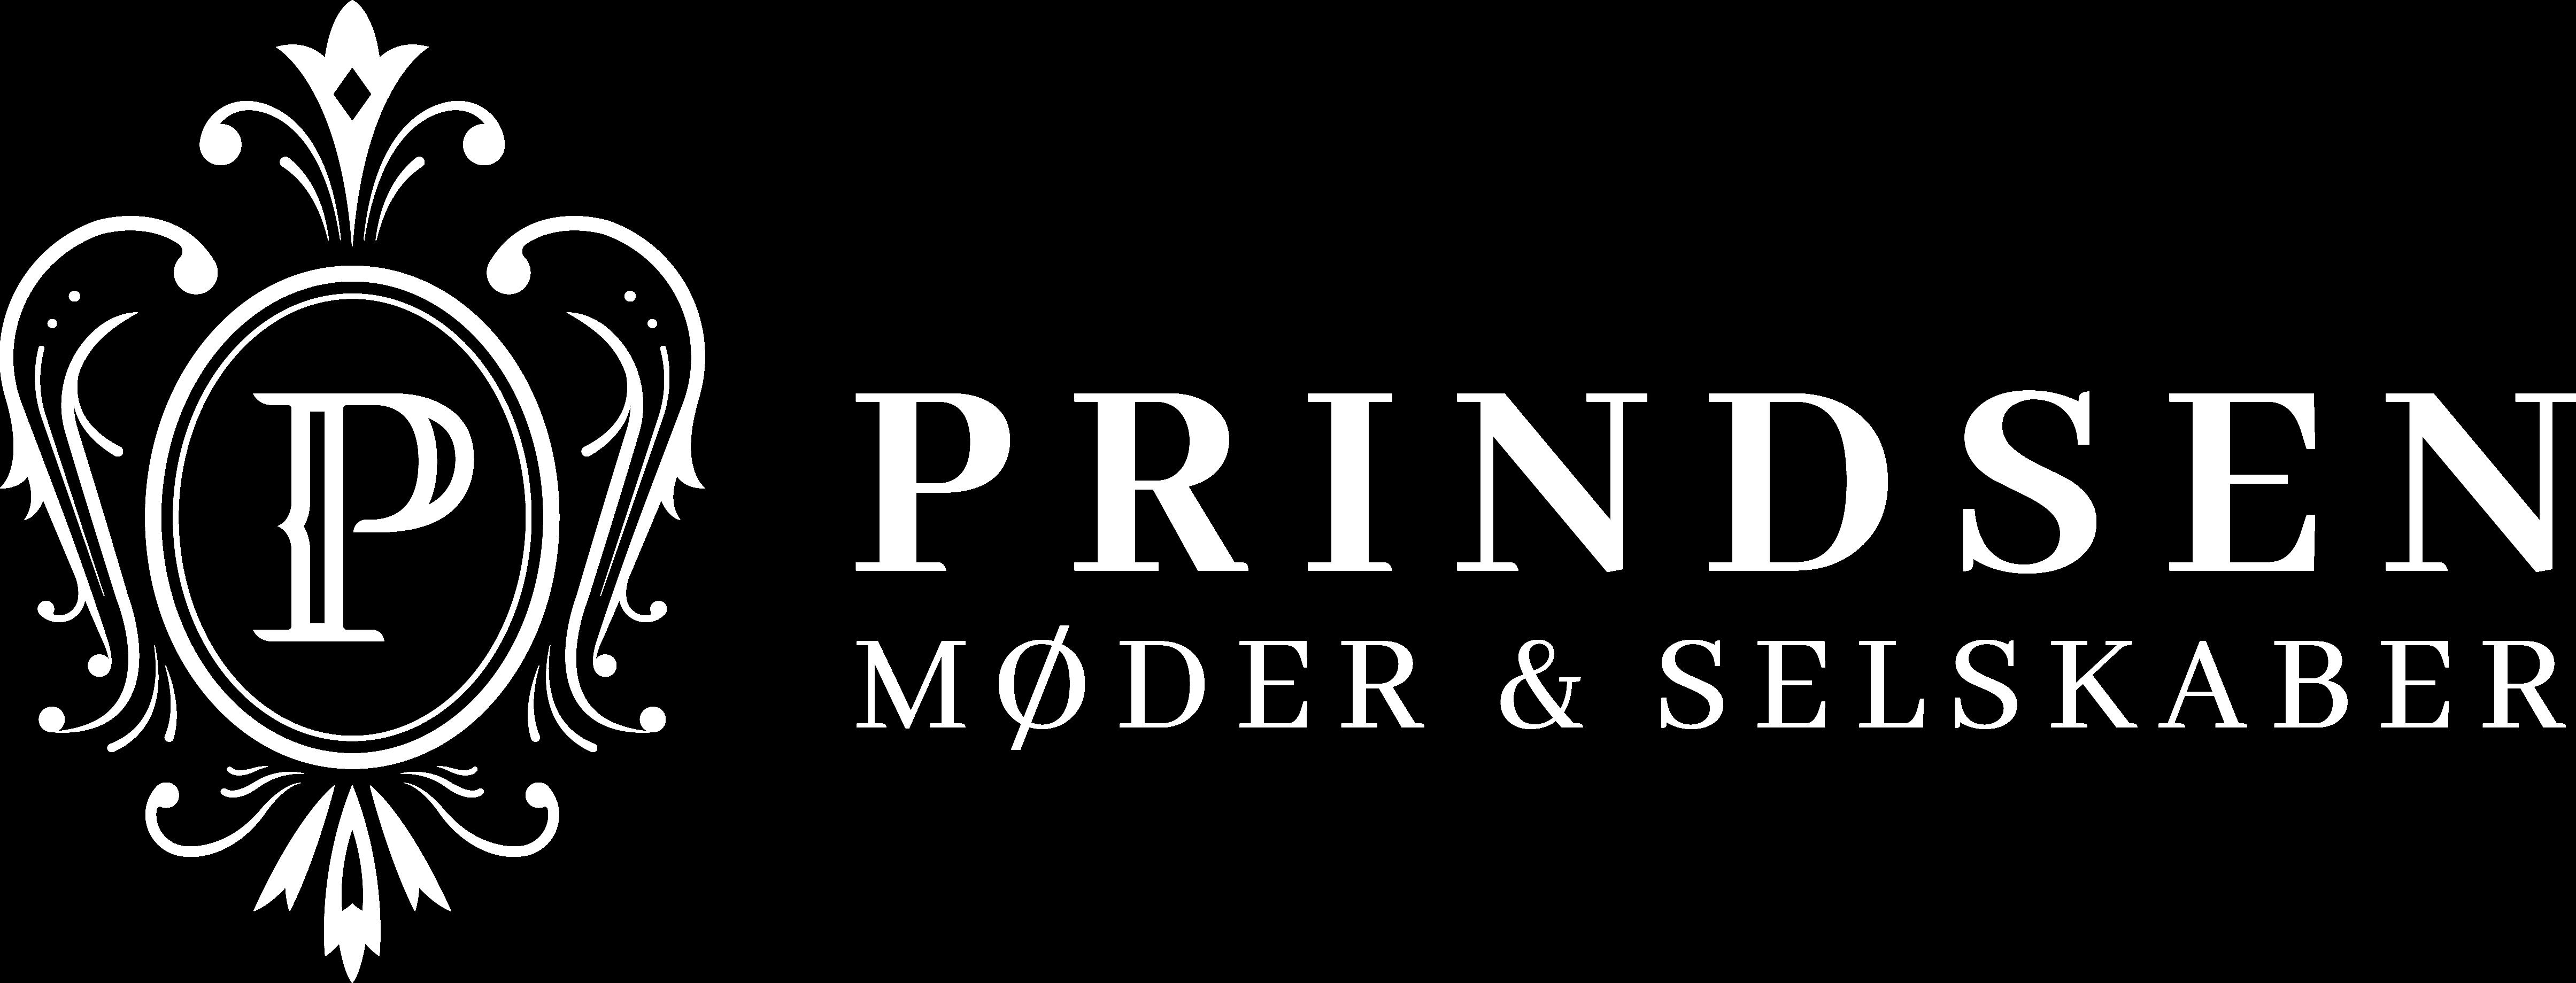 Prindsen – Møder & Selskaber